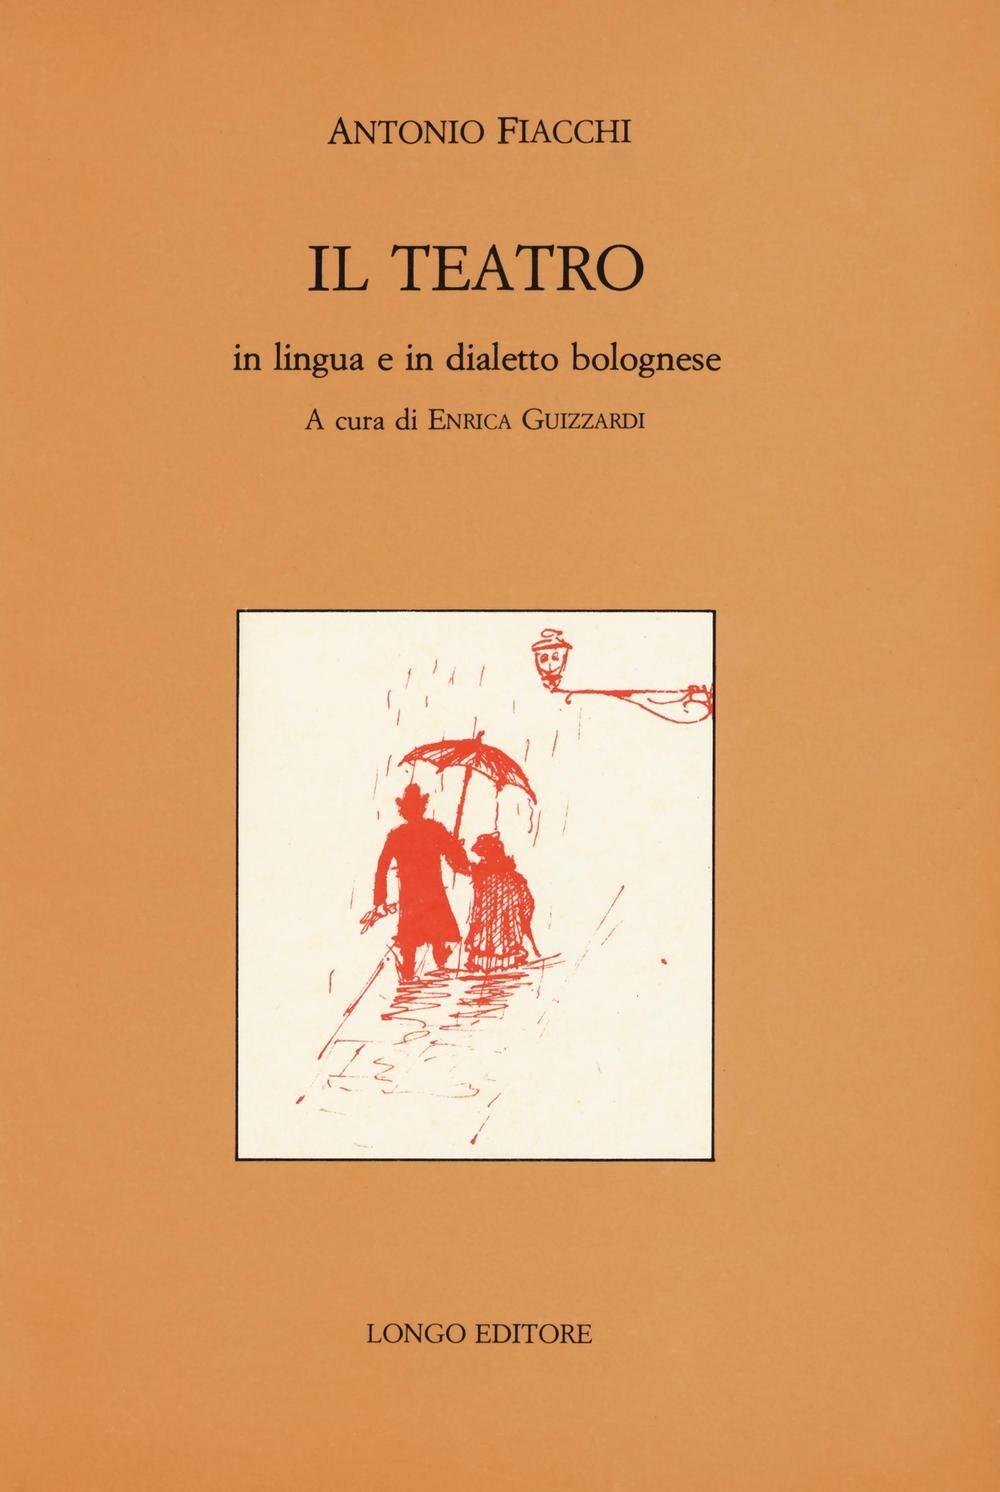 Il teatro in lingua e in dialetto bolognese